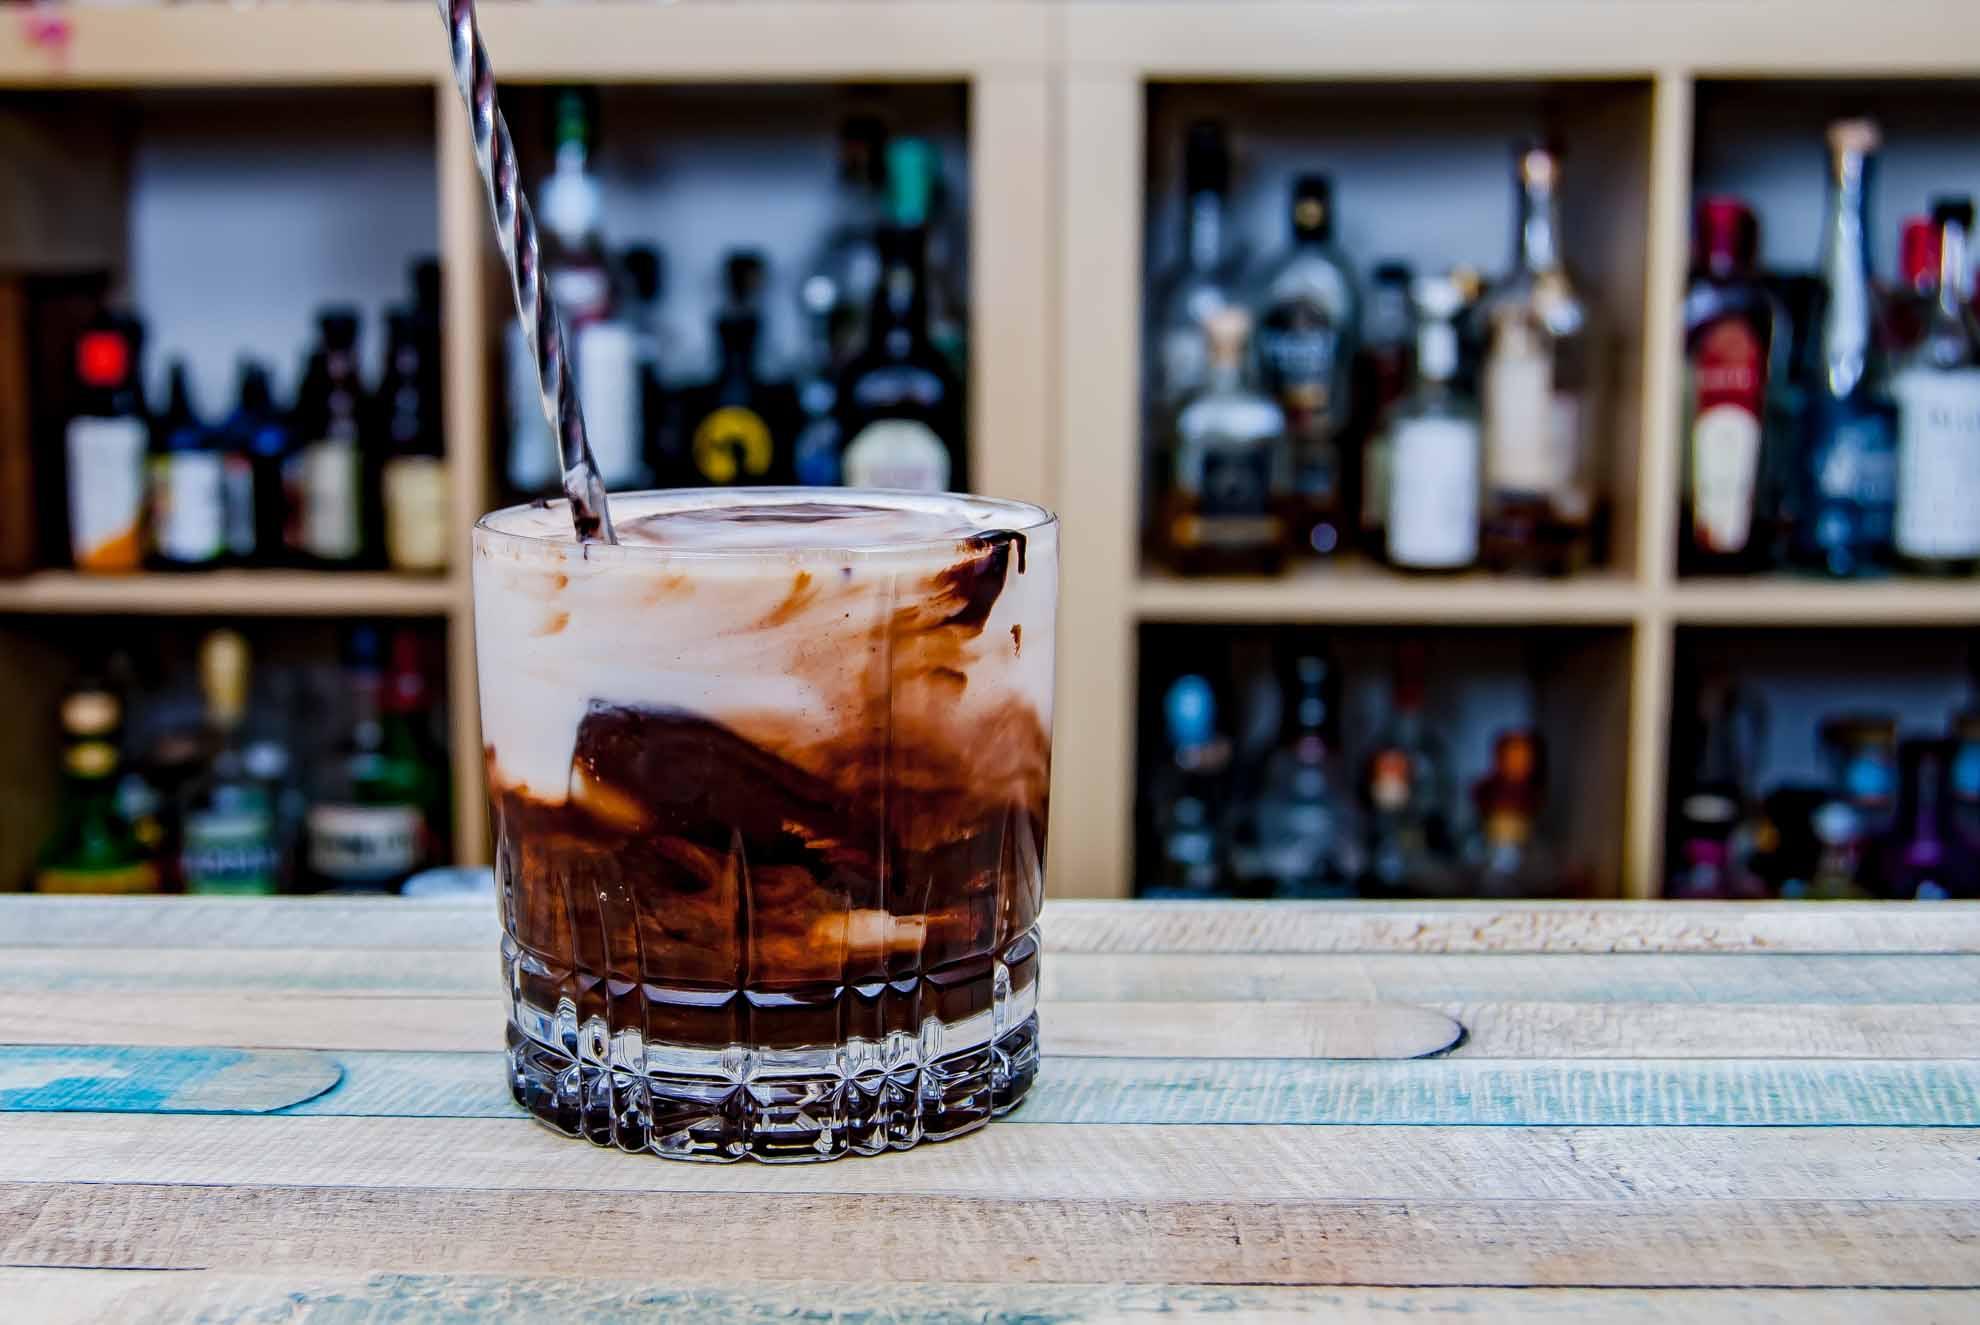 Unser erster Dalgona Coffee-Cocktailversuch war am Ende mehr ein White Russian-Kakao.